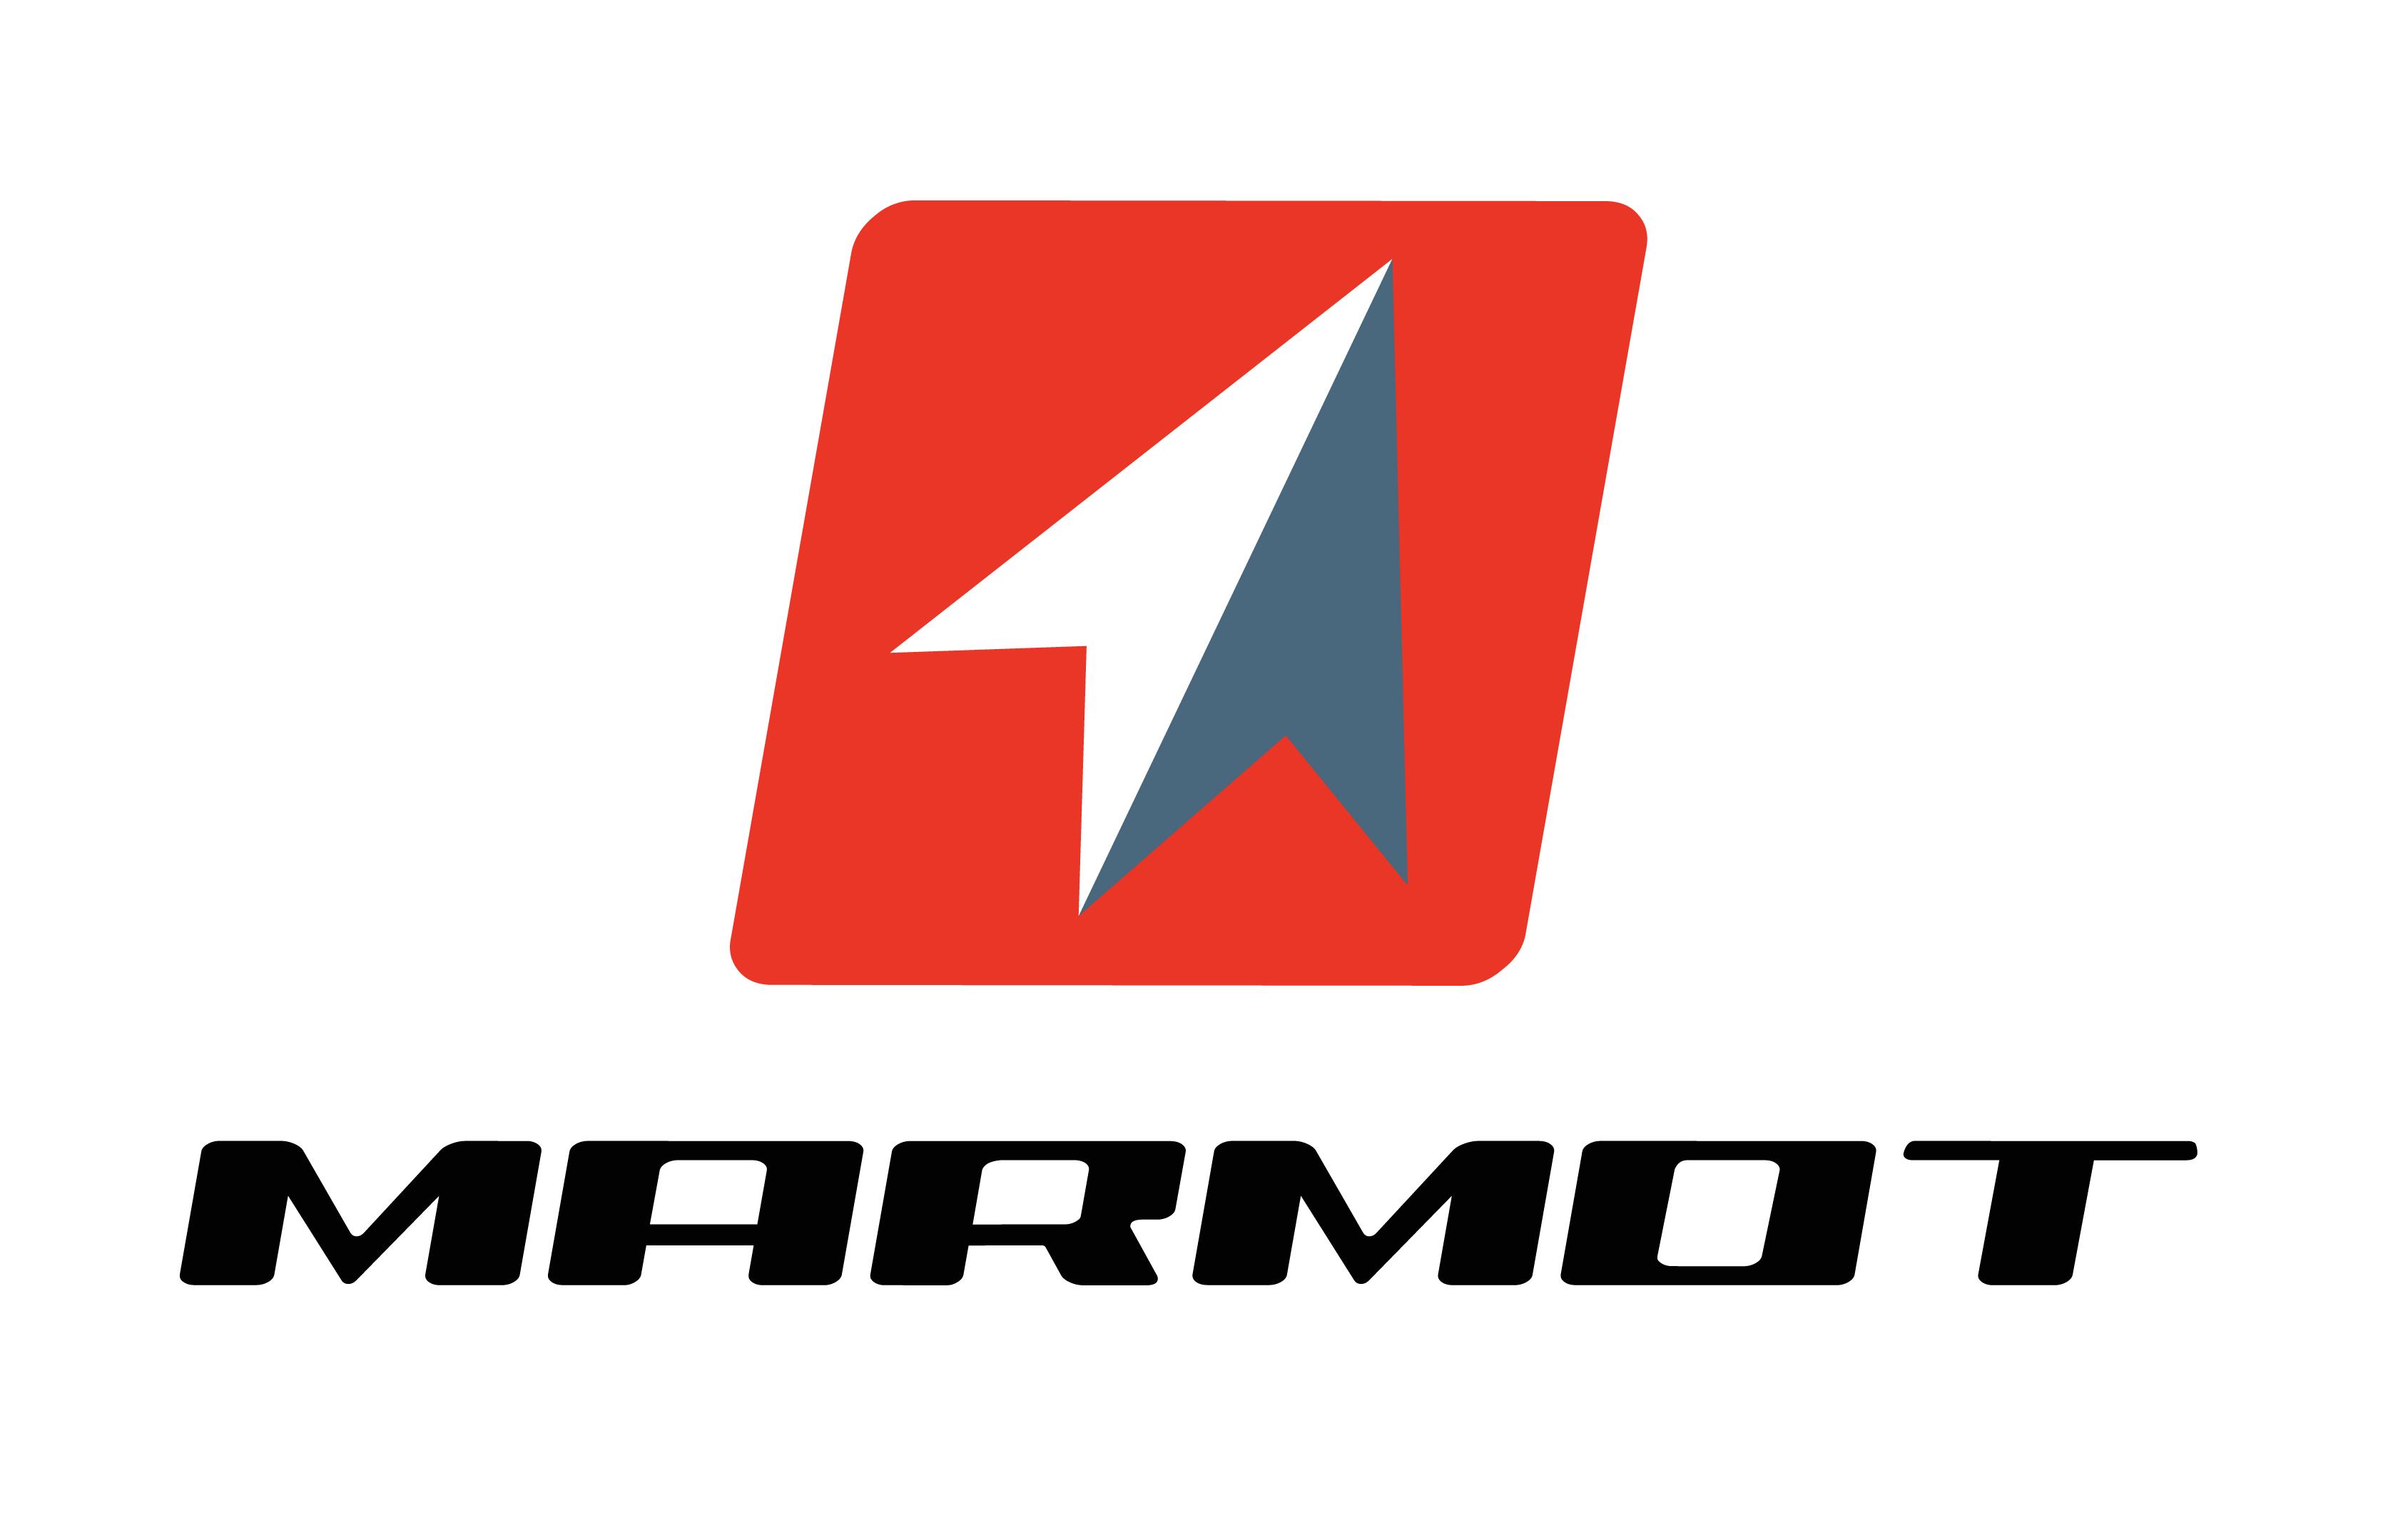 法拉利logo-MARMOT土拨鼠自行车将以最大展位参展中国 沈阳 国际自